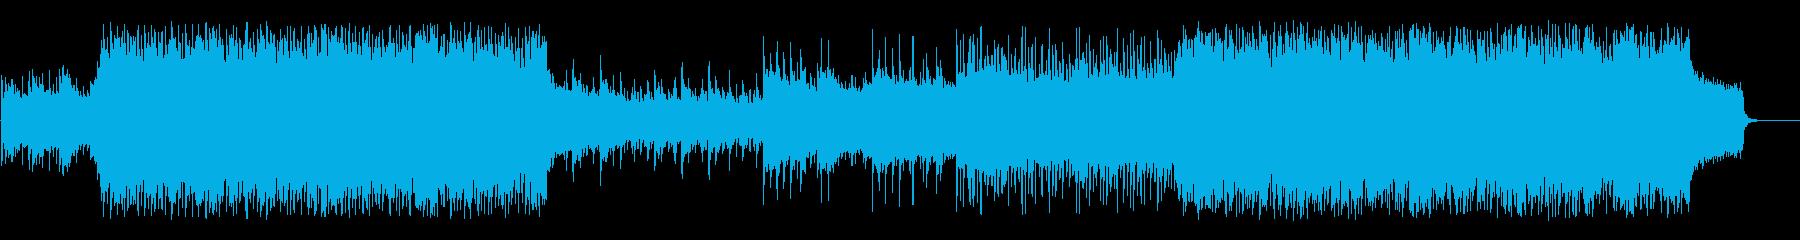 シリアスでロック感の強いトレーラー音楽の再生済みの波形